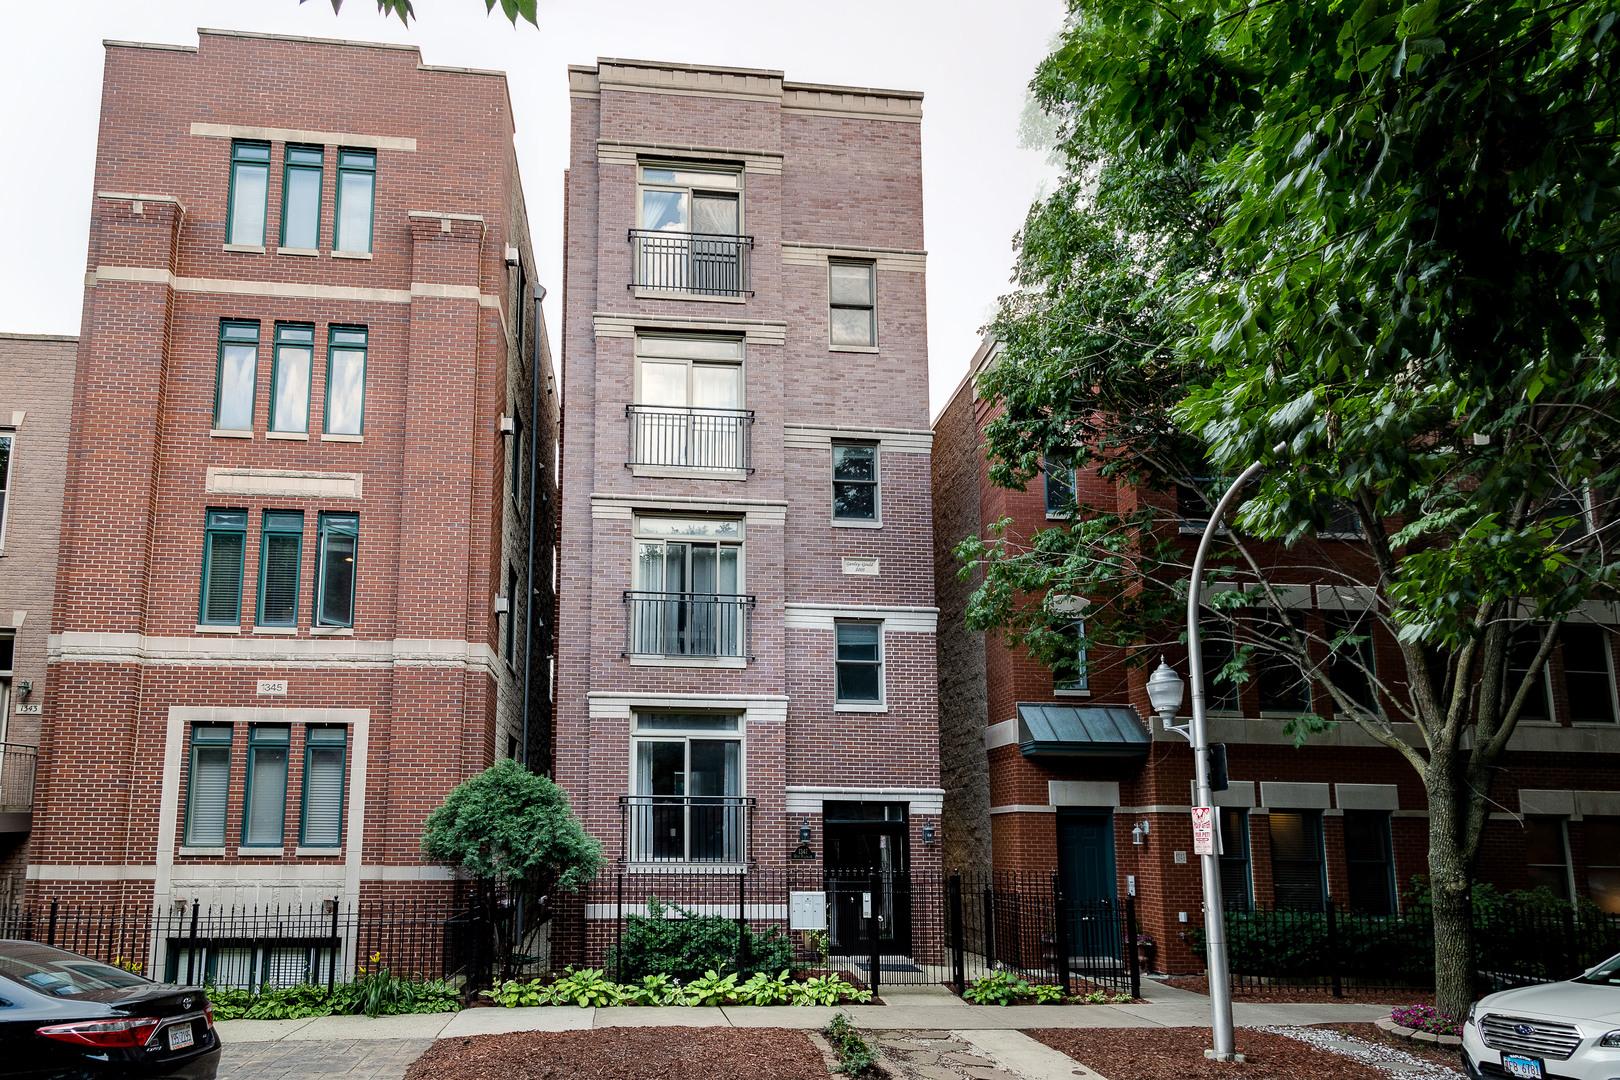 1347 W Fillmore Street Unit A, Chicago IL 60607